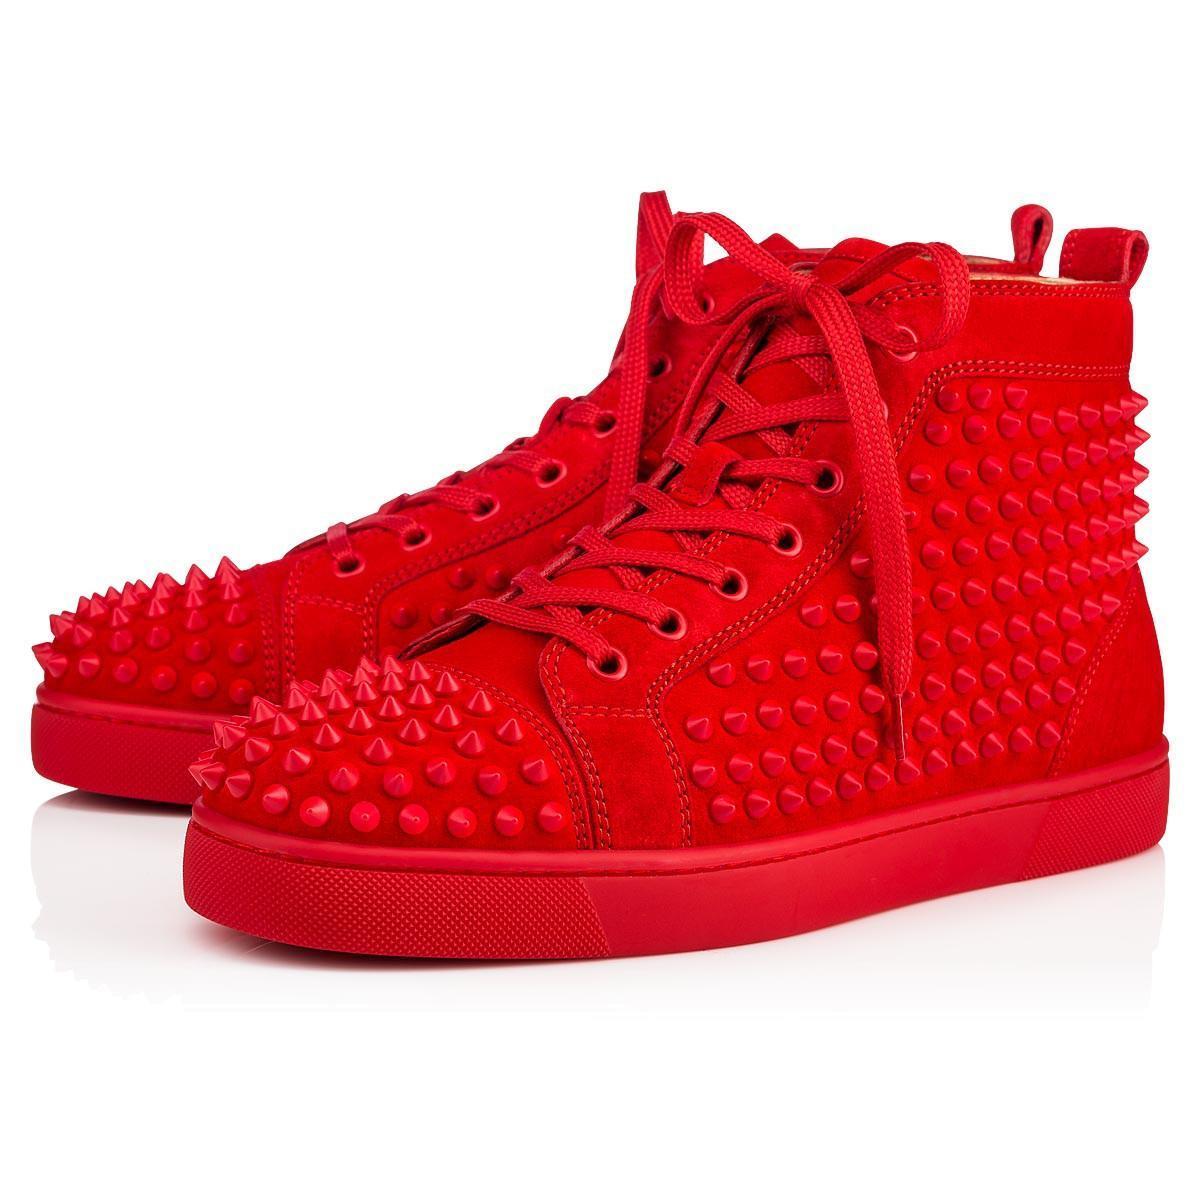 Büyük Beden Eur36-47 Tasarımcı Ayakkabı Yüksek Cut Kırmızı Alt Spike Sedue buzağı Sneaker Parti Düğün Ayakkabı Gerçek Deri Casual Ayakkabı